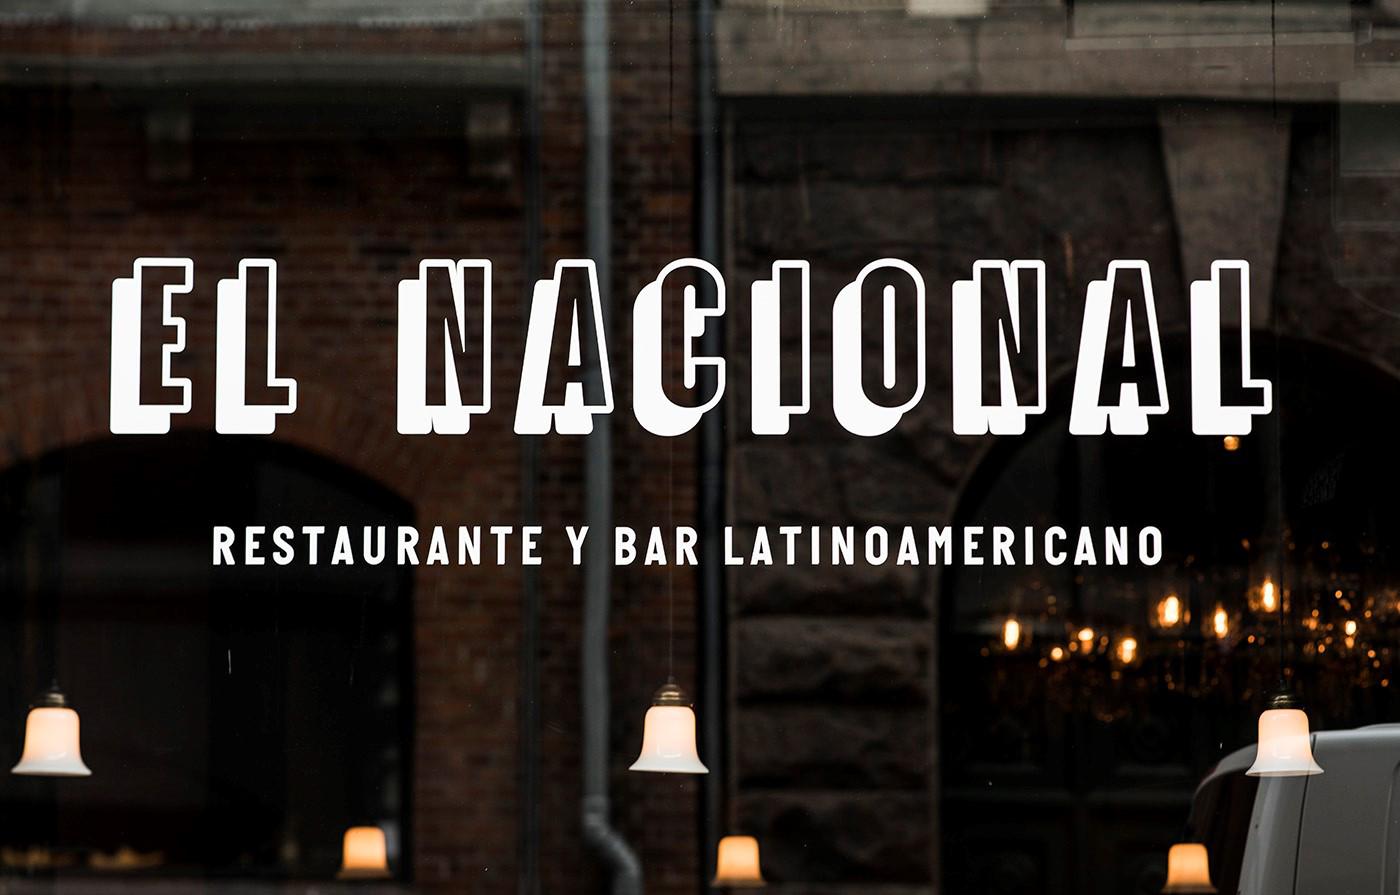 El_Nacionale_03_Co.designstudio.jpg